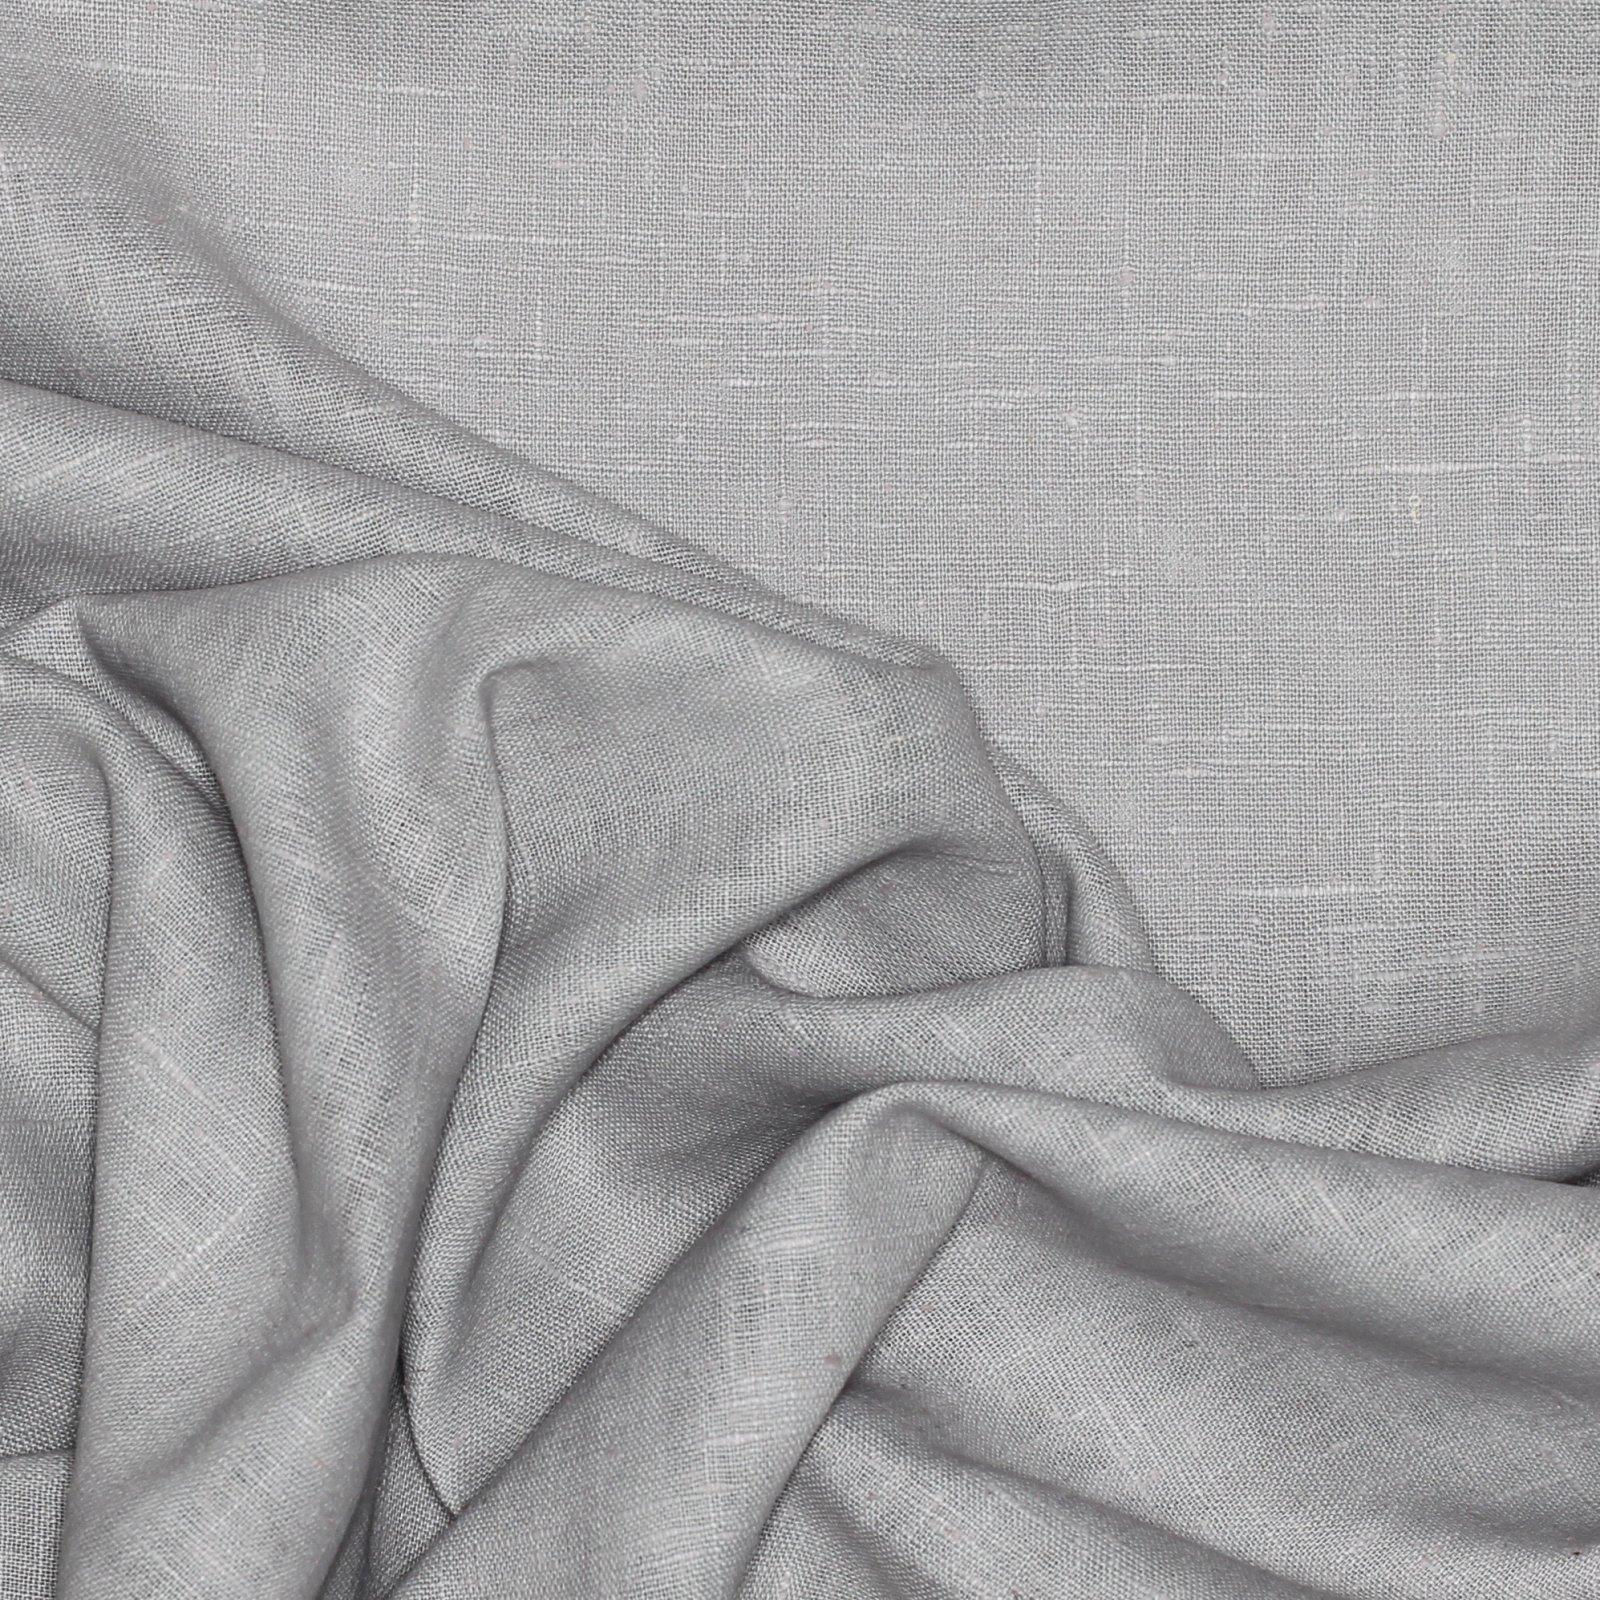 Silver/Grey Linen